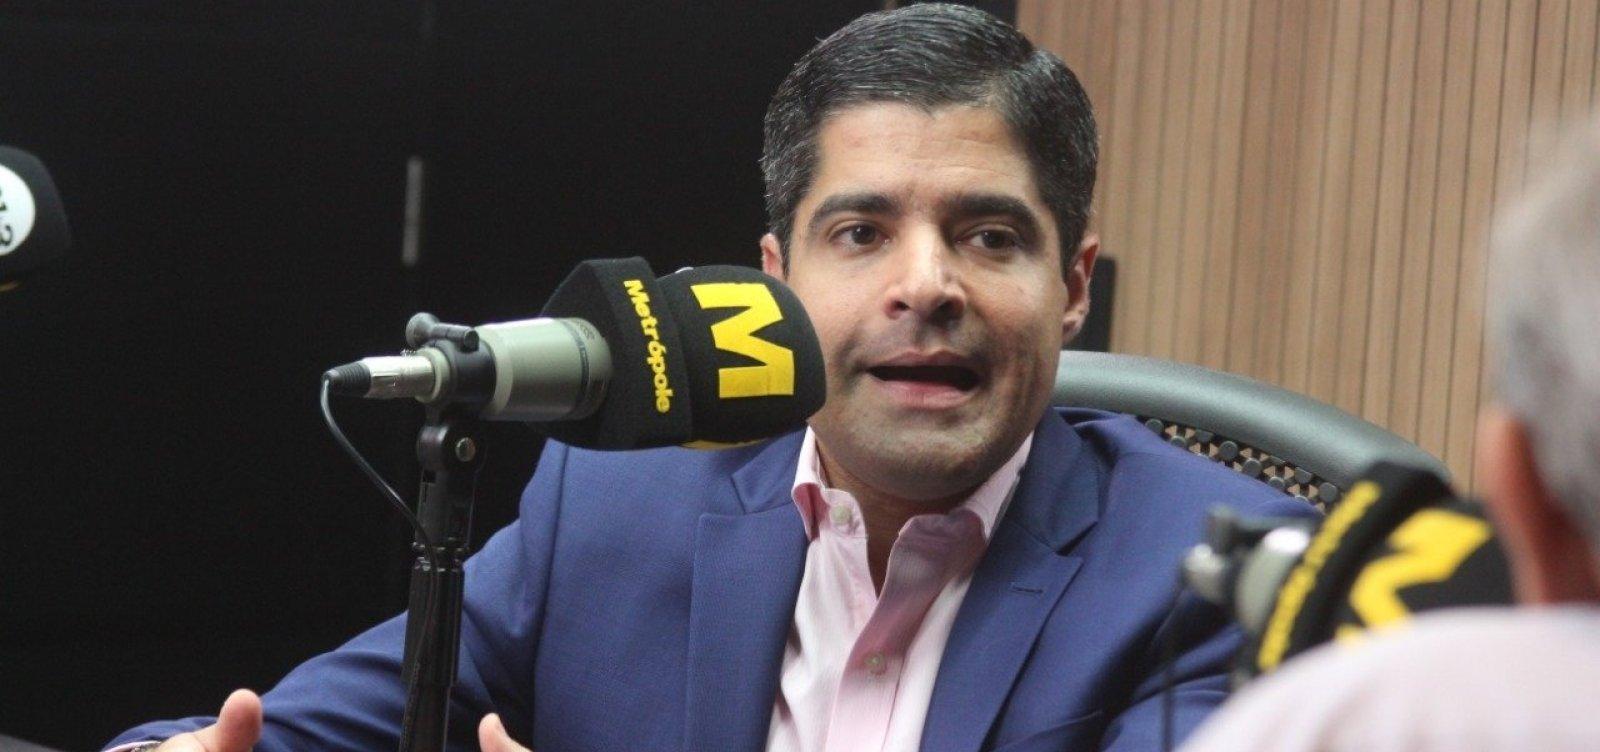 Colega de Bolsonaro por 10 anos, Neto sentencia: 'Não vi apresentar nenhuma proposta importante'